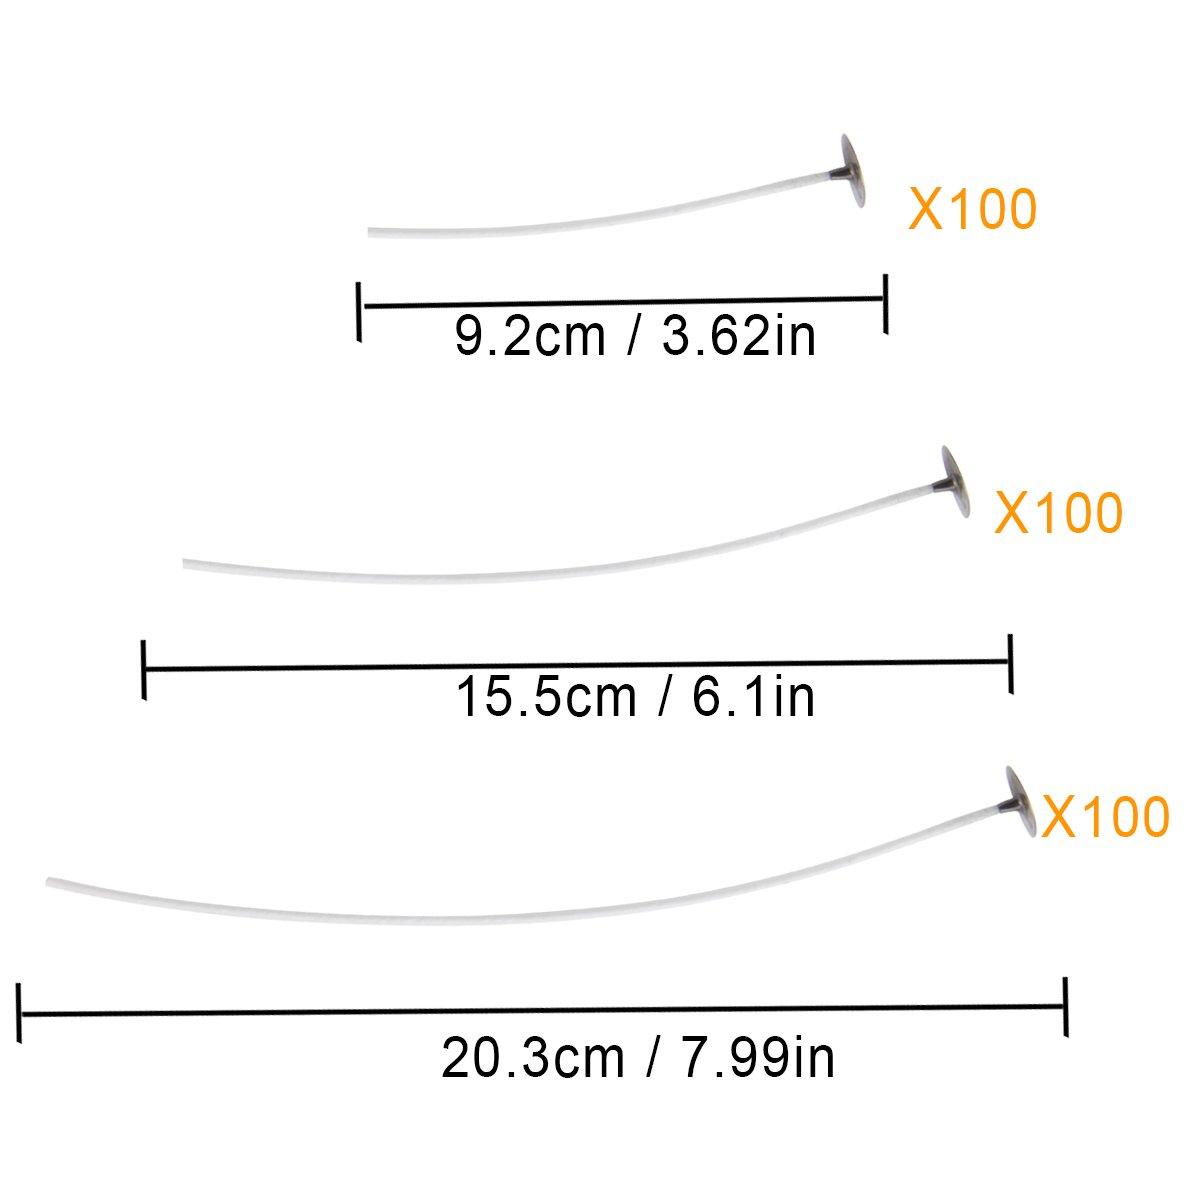 90 mm, 150 mm y 200 mm Madholly 150 Velas vela DIY /… mecha de vela en 3 tama/ños diferentes para la fabricaci/ón de velas